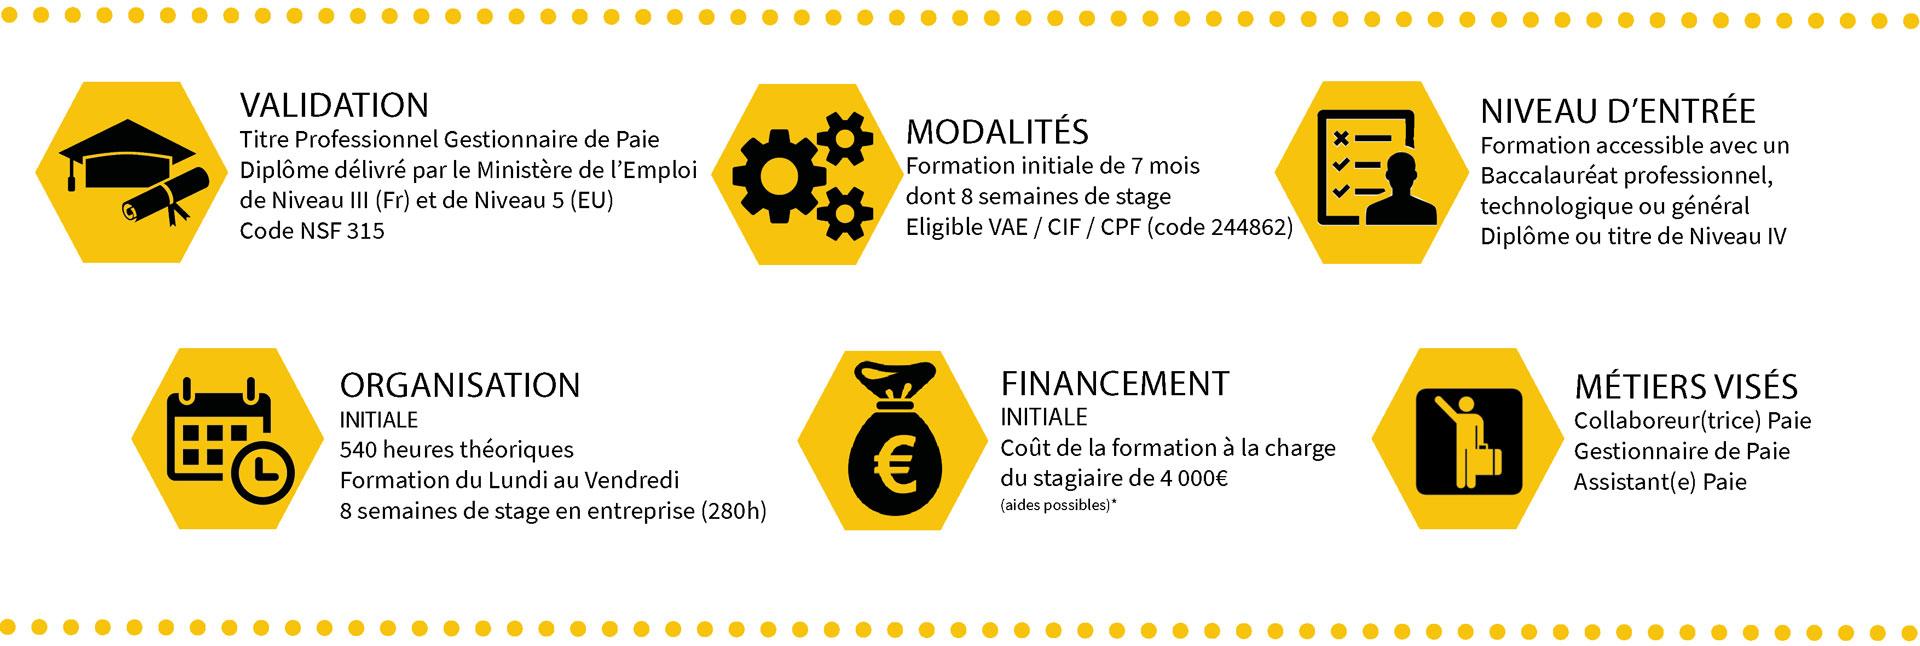 Modalités TITRE PROFESSIONNEL GESTIONNAIRE DE PAIE (NIVEAU III)